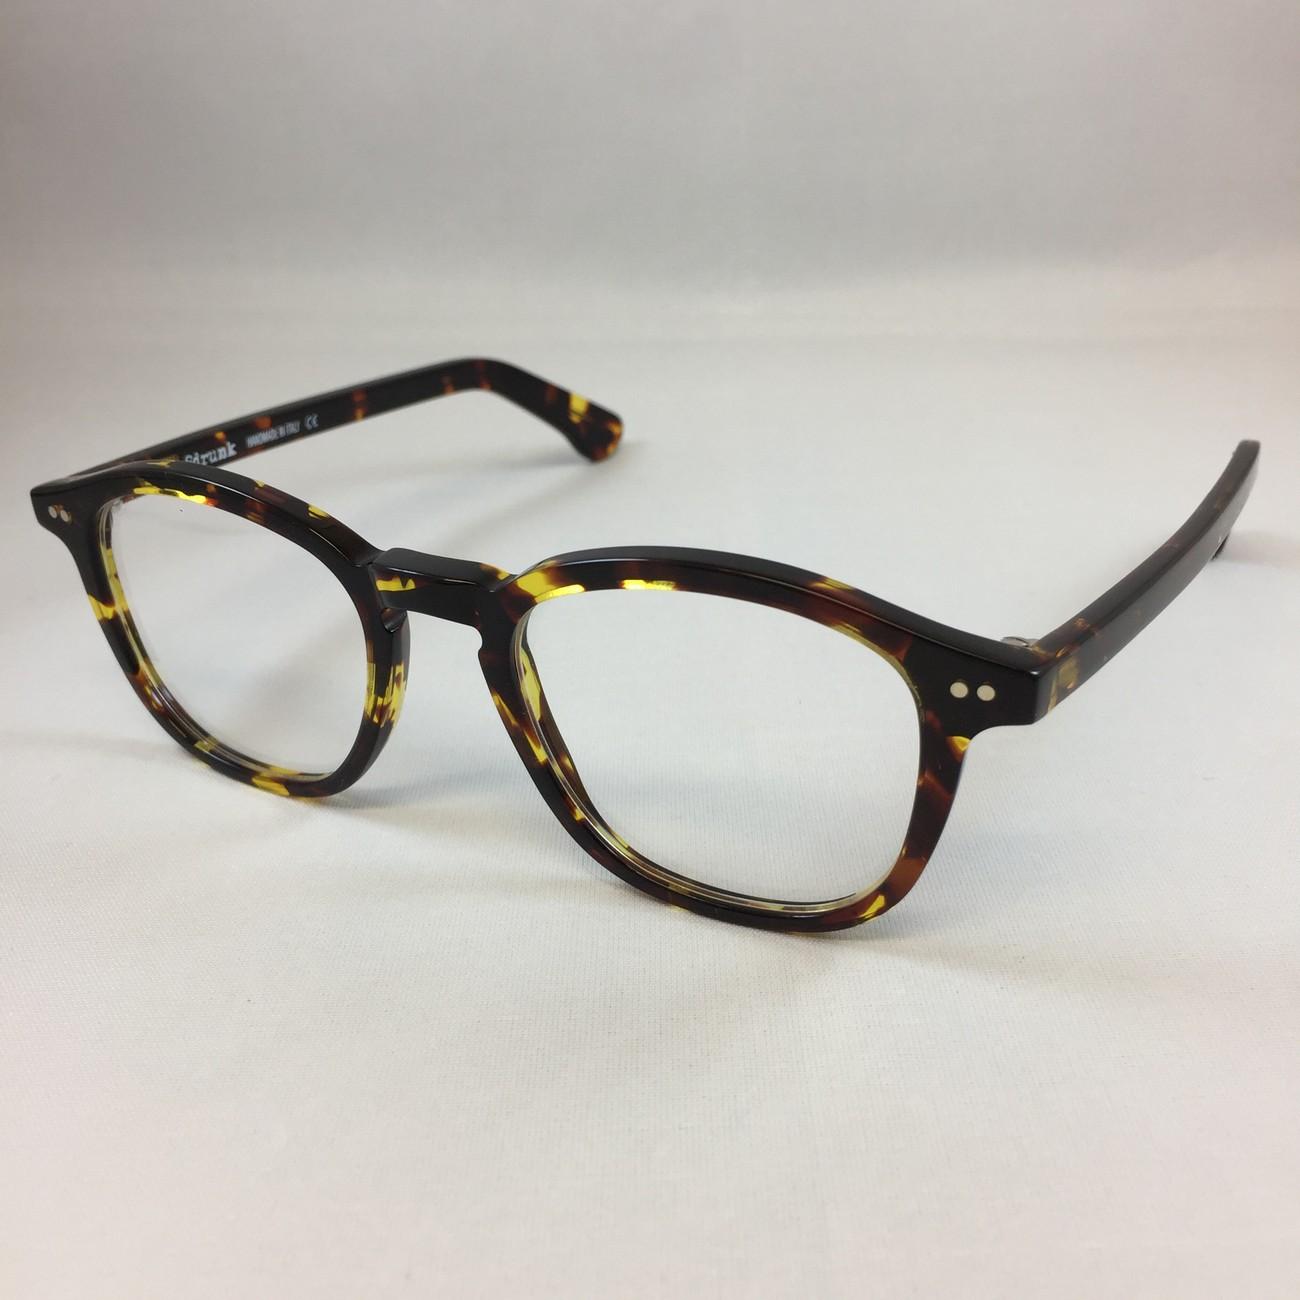 Occhiali da Vista Bob Sdrunk Woody 02 8hC6g